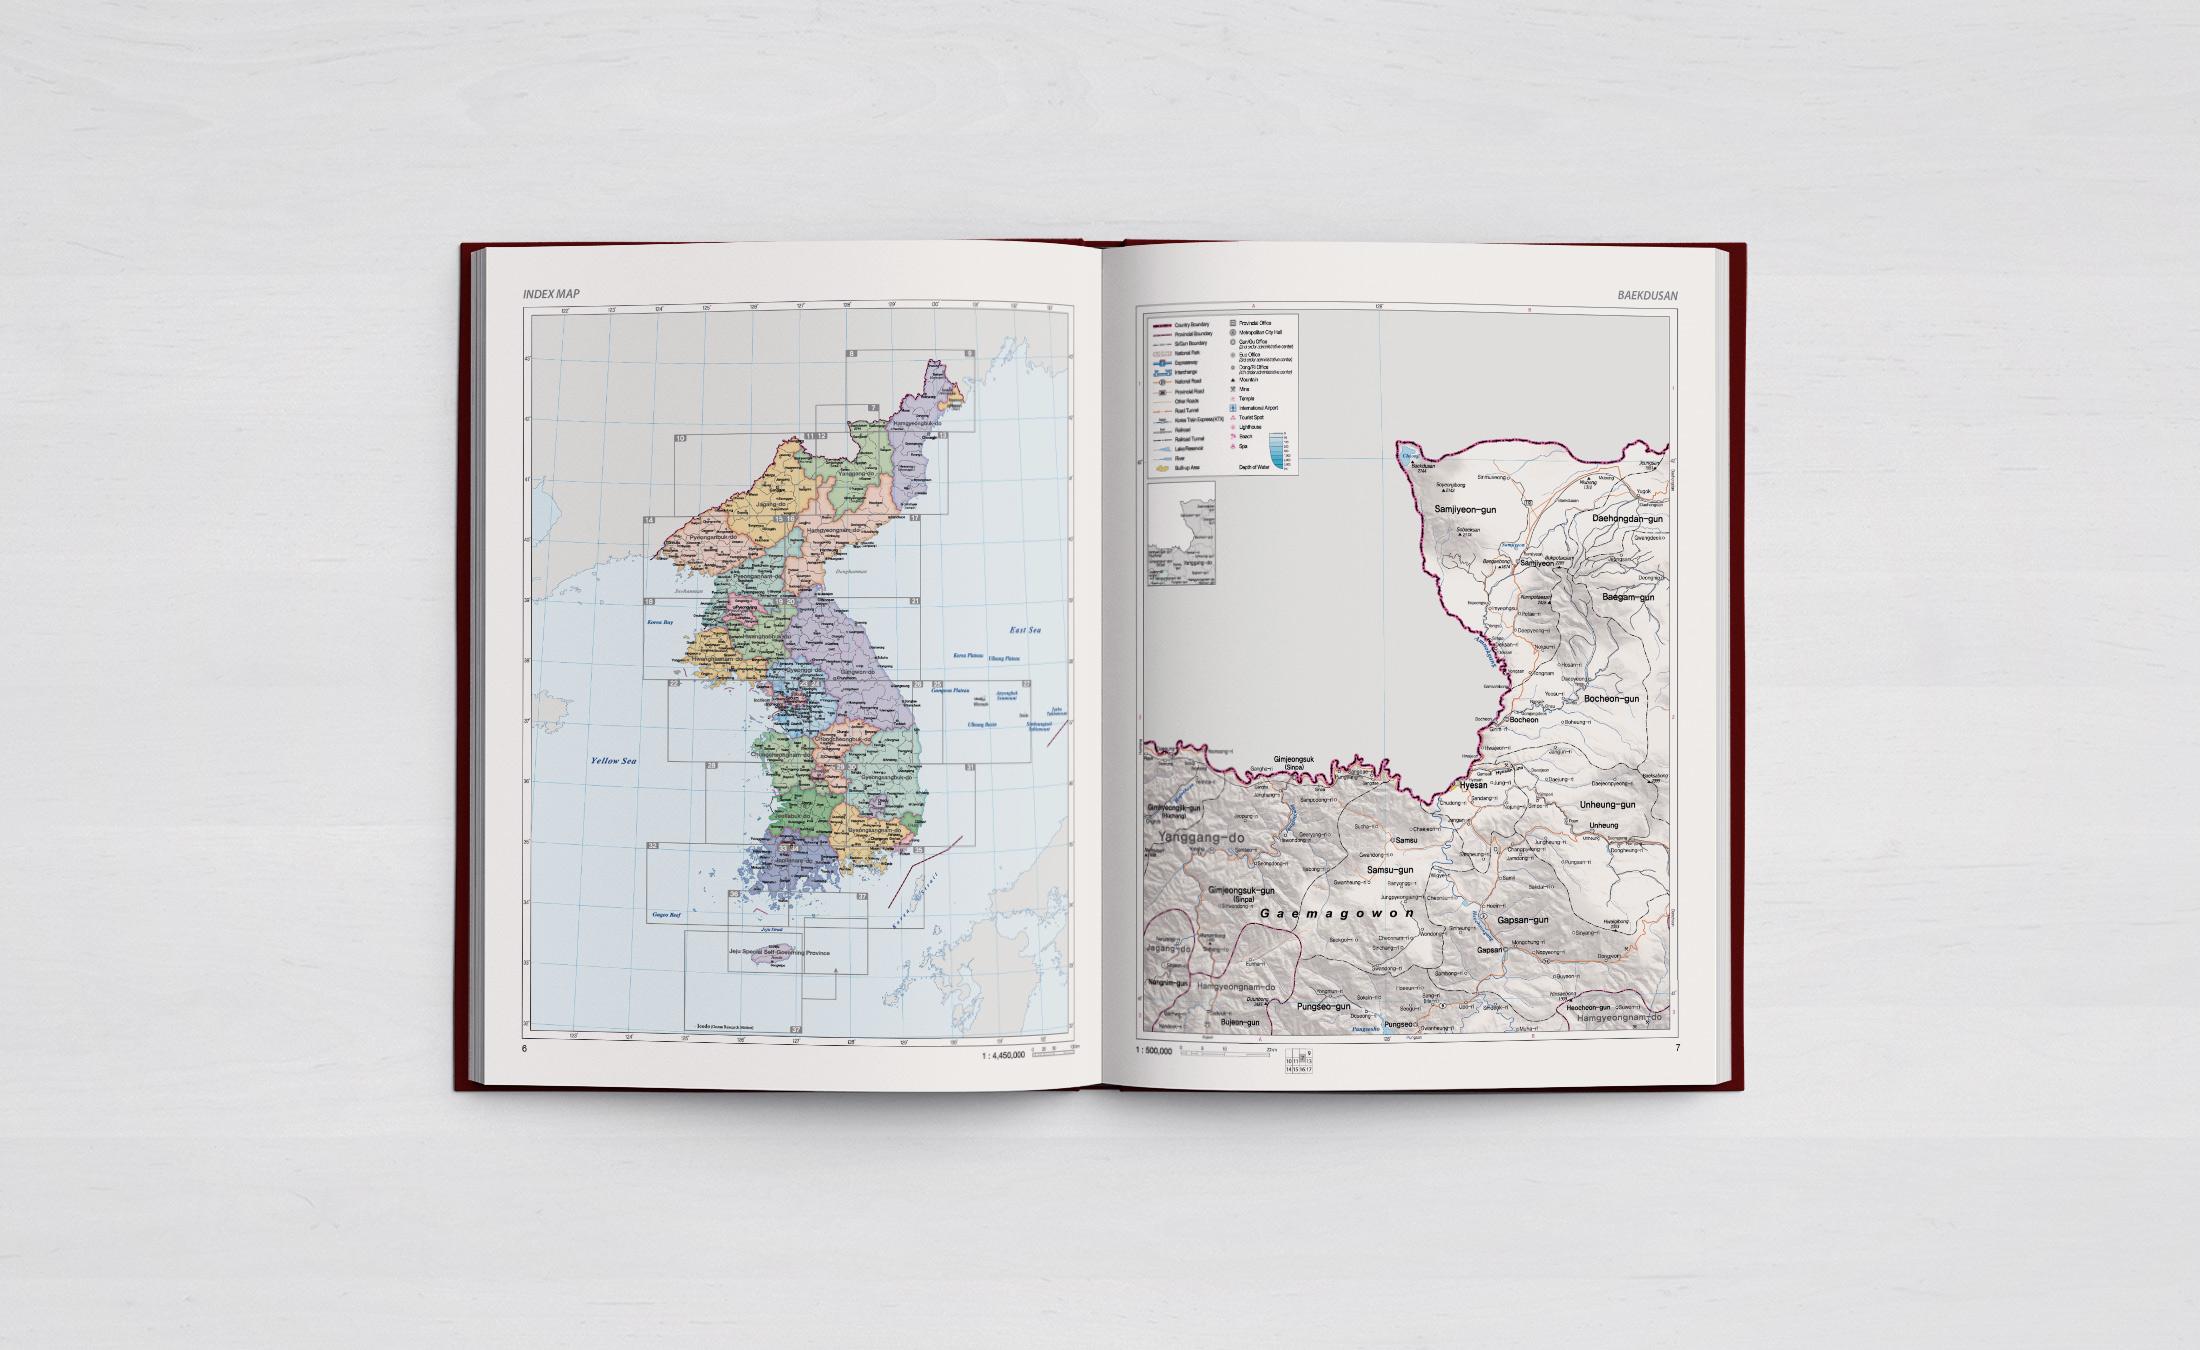 dankelab_korea_atlas_05